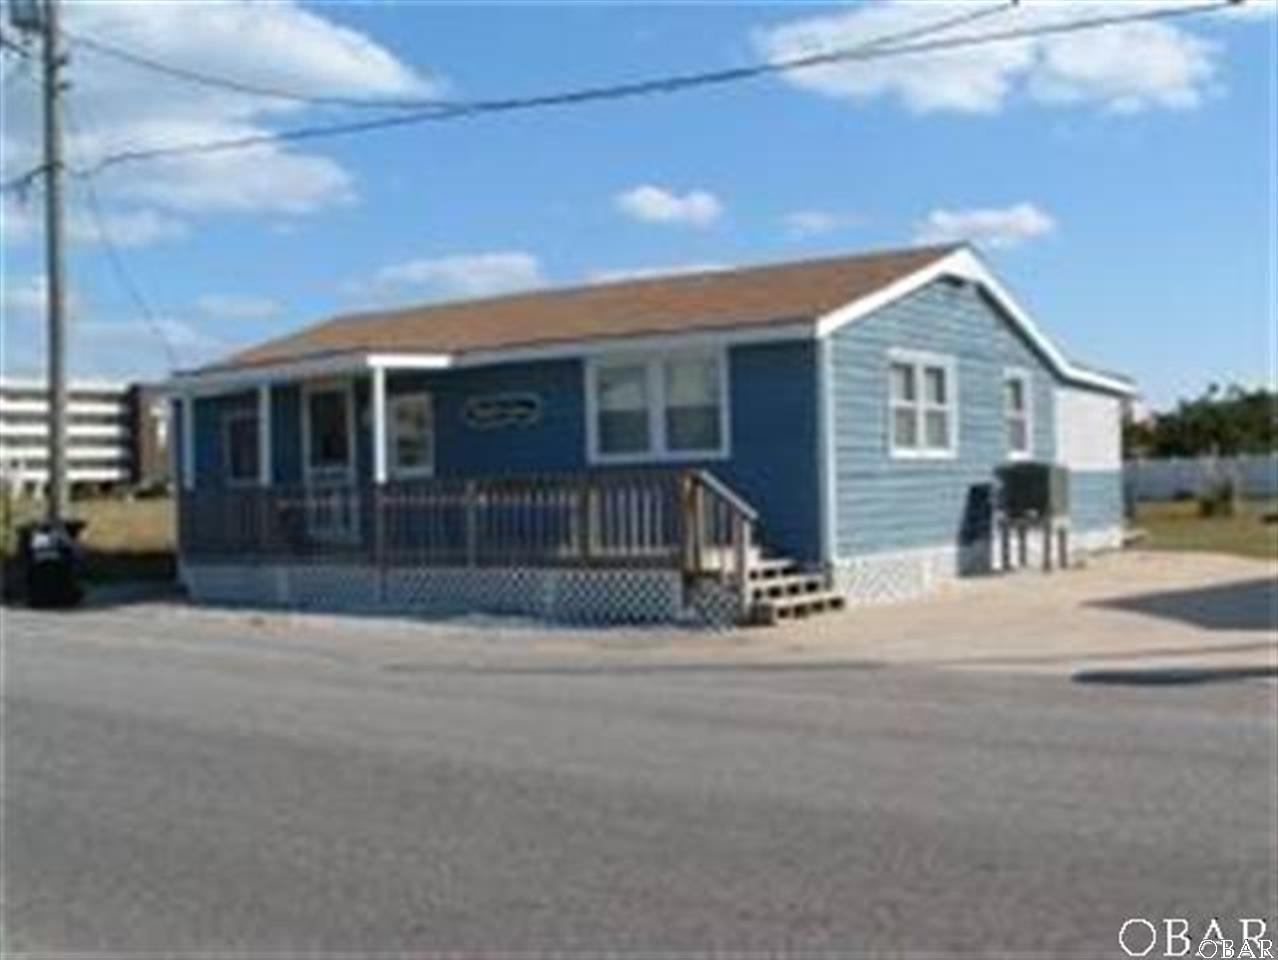 213 Third Street,Kill Devil Hills,NC 27948,3 Bedrooms Bedrooms,2 BathroomsBathrooms,Residential,Third Street,83281